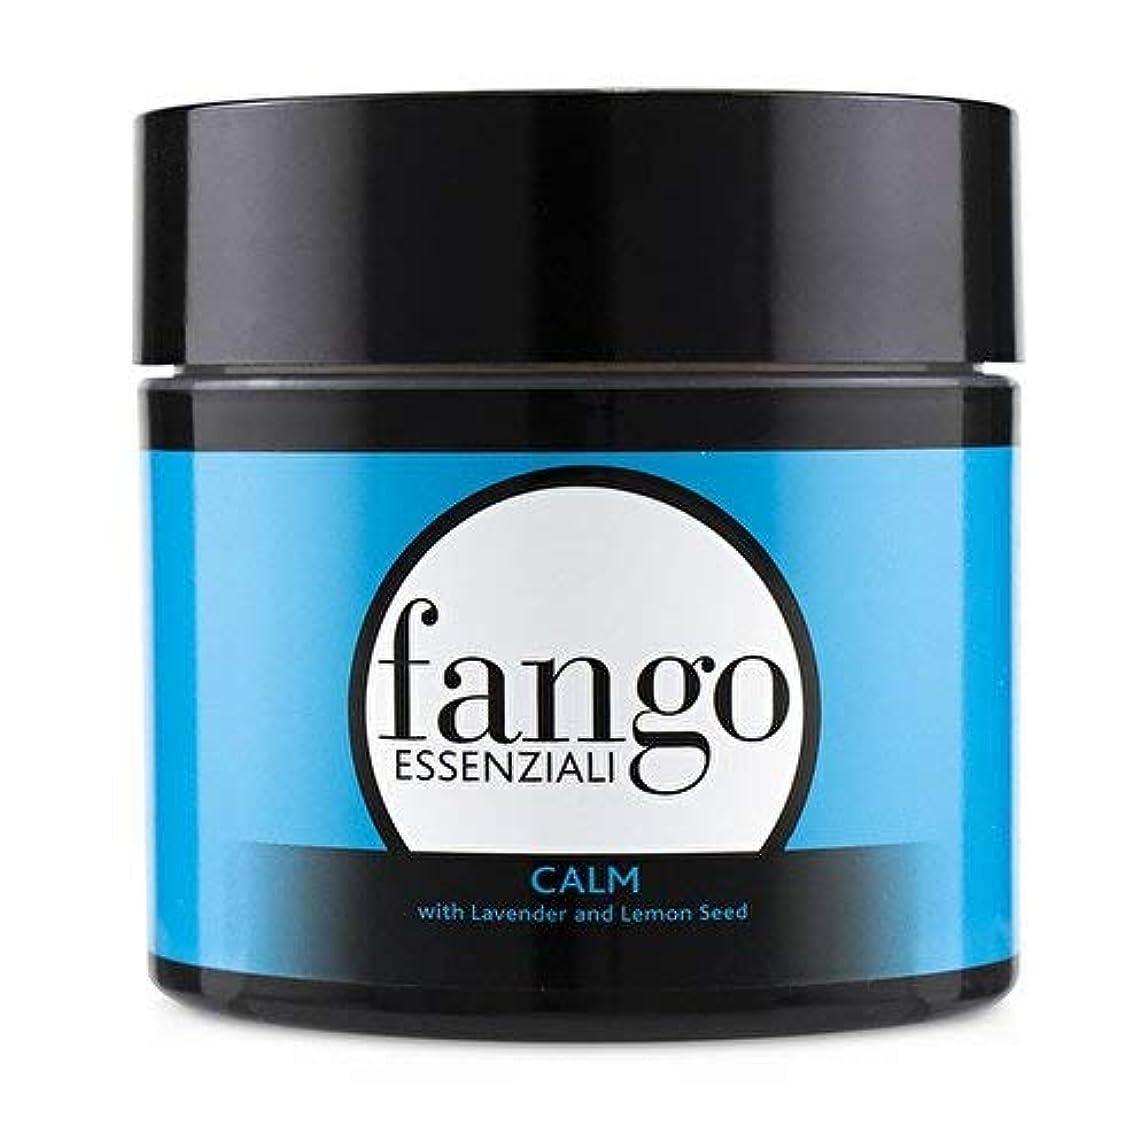 共感する困難預言者ボルゲーゼ Fango Essenziali Calm Mud Mask with Lavender & Lemon Seed 198g/7oz並行輸入品